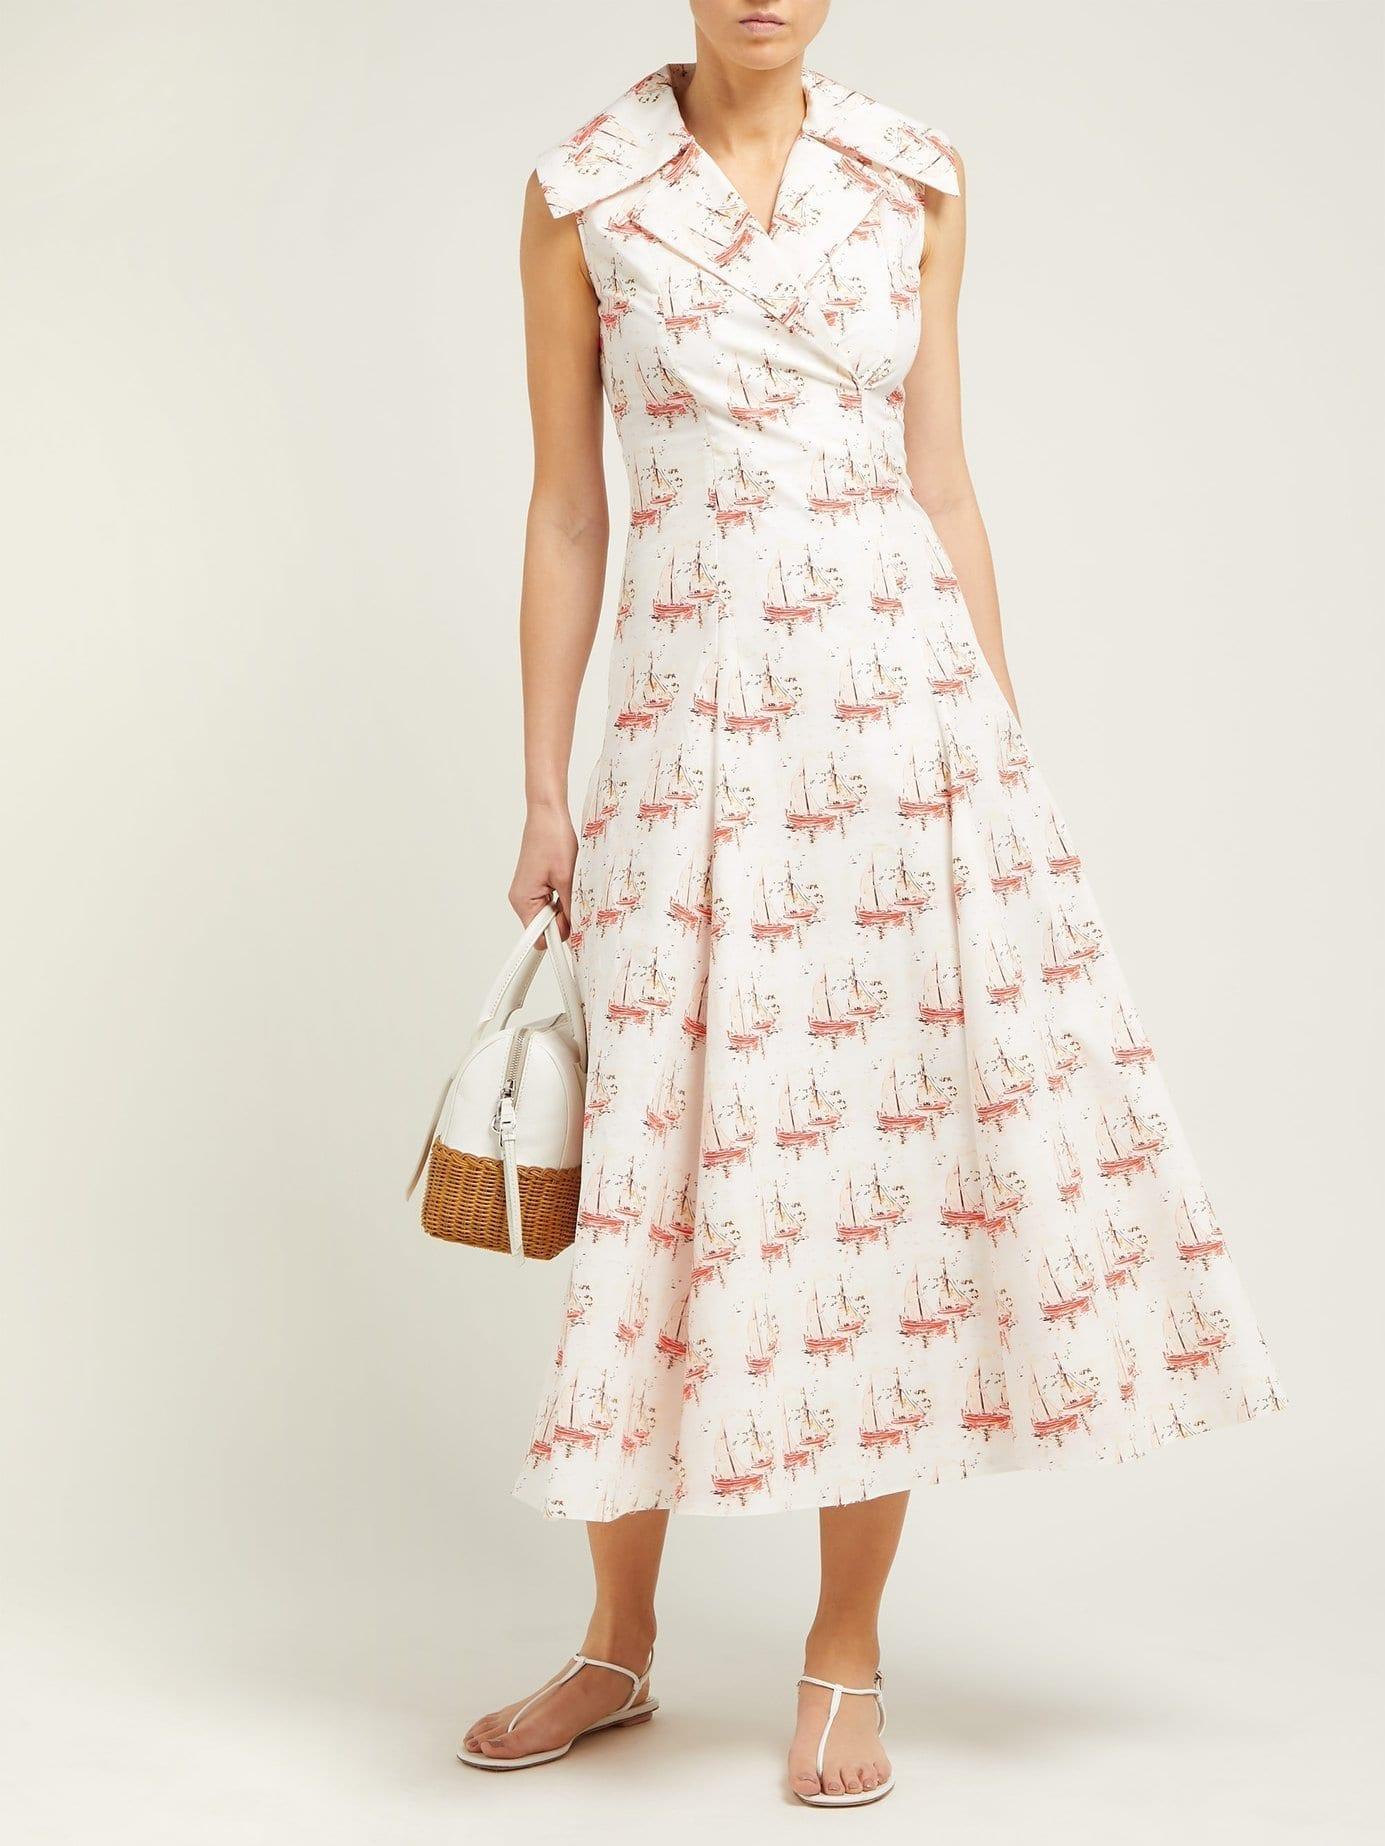 EMILIA WICKSTEAD Gaia Sailboat-Print Poplin Pink Dress